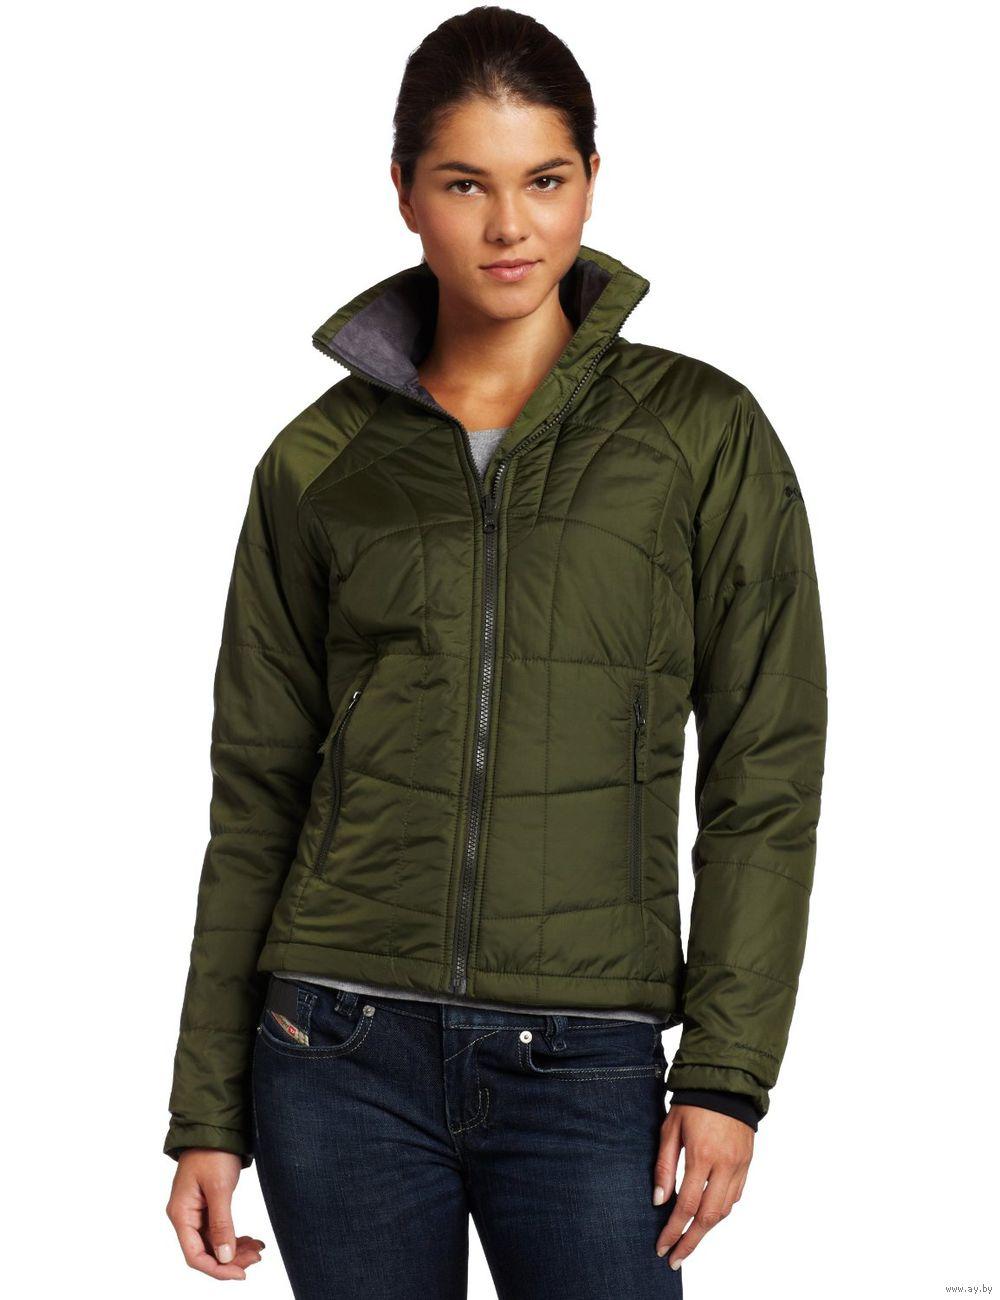 fcb9d39a0260 Женские куртки